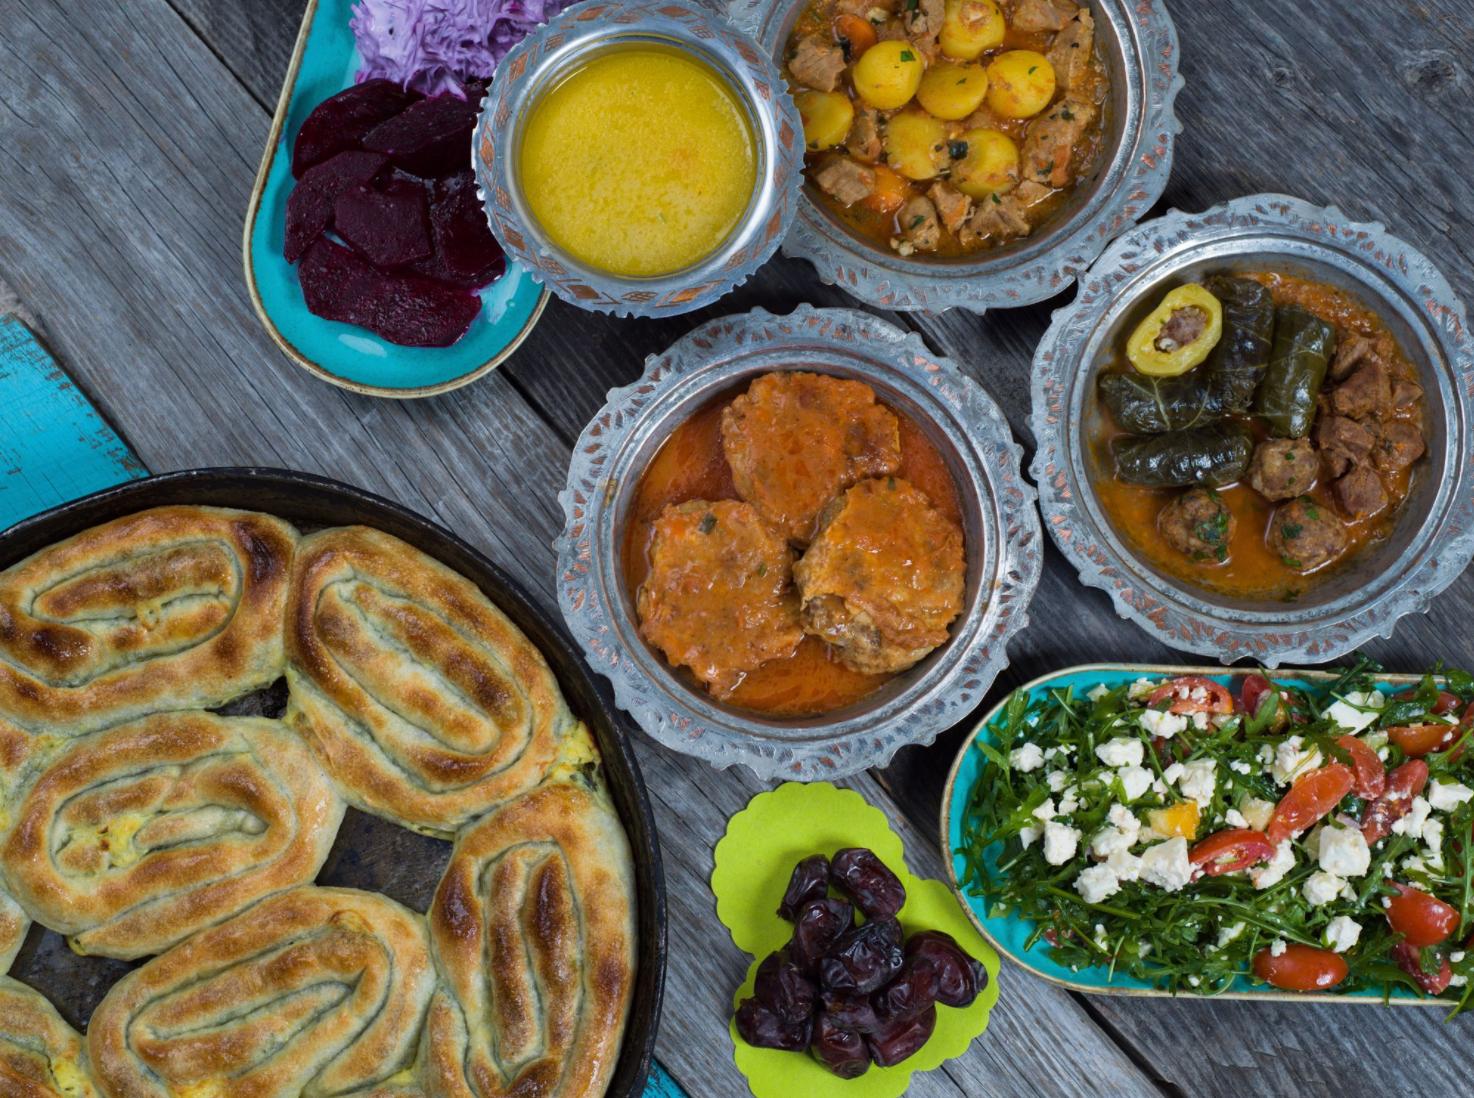 Leziz Saraybosna mutfağını ve otantik dükkanları keşfedin